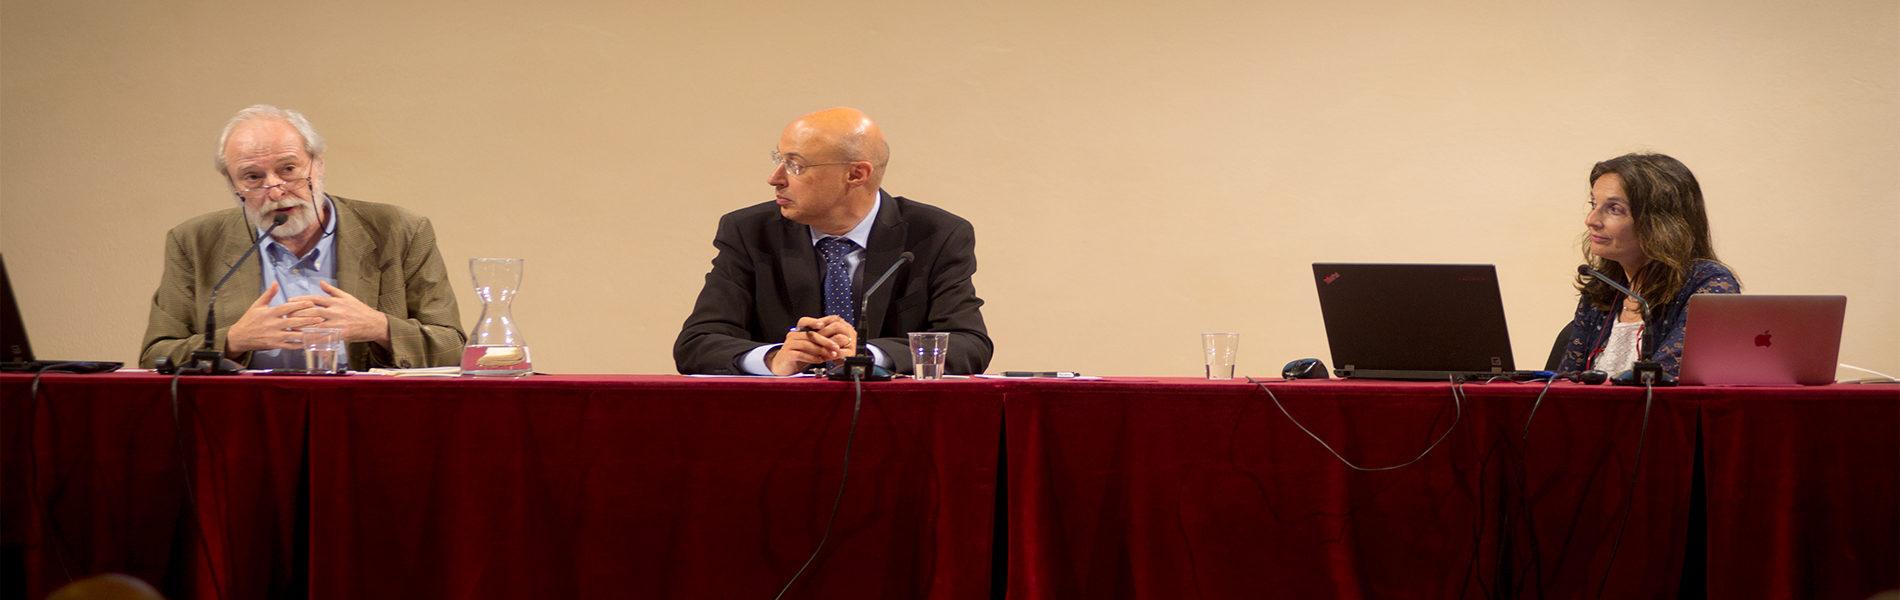 Interna-per-conferenza-pubblica1